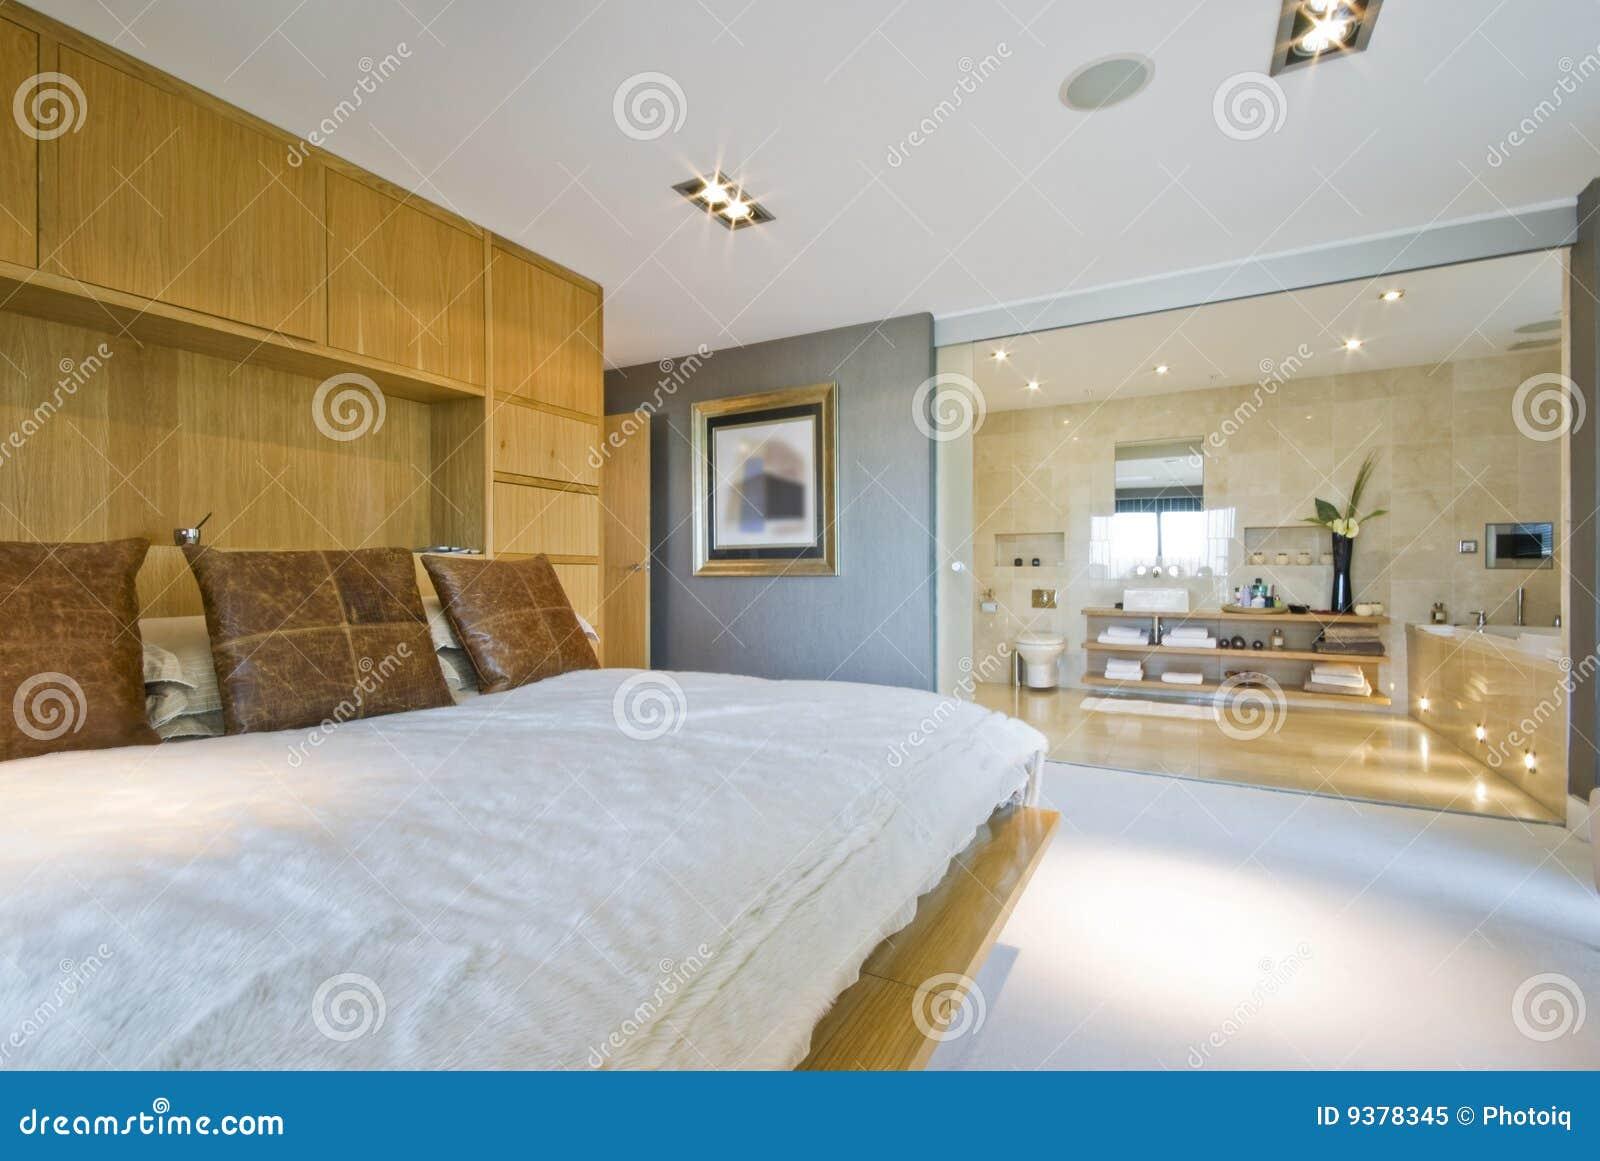 Salle De Bain Dans Chambre A Coucher  Sedgu com